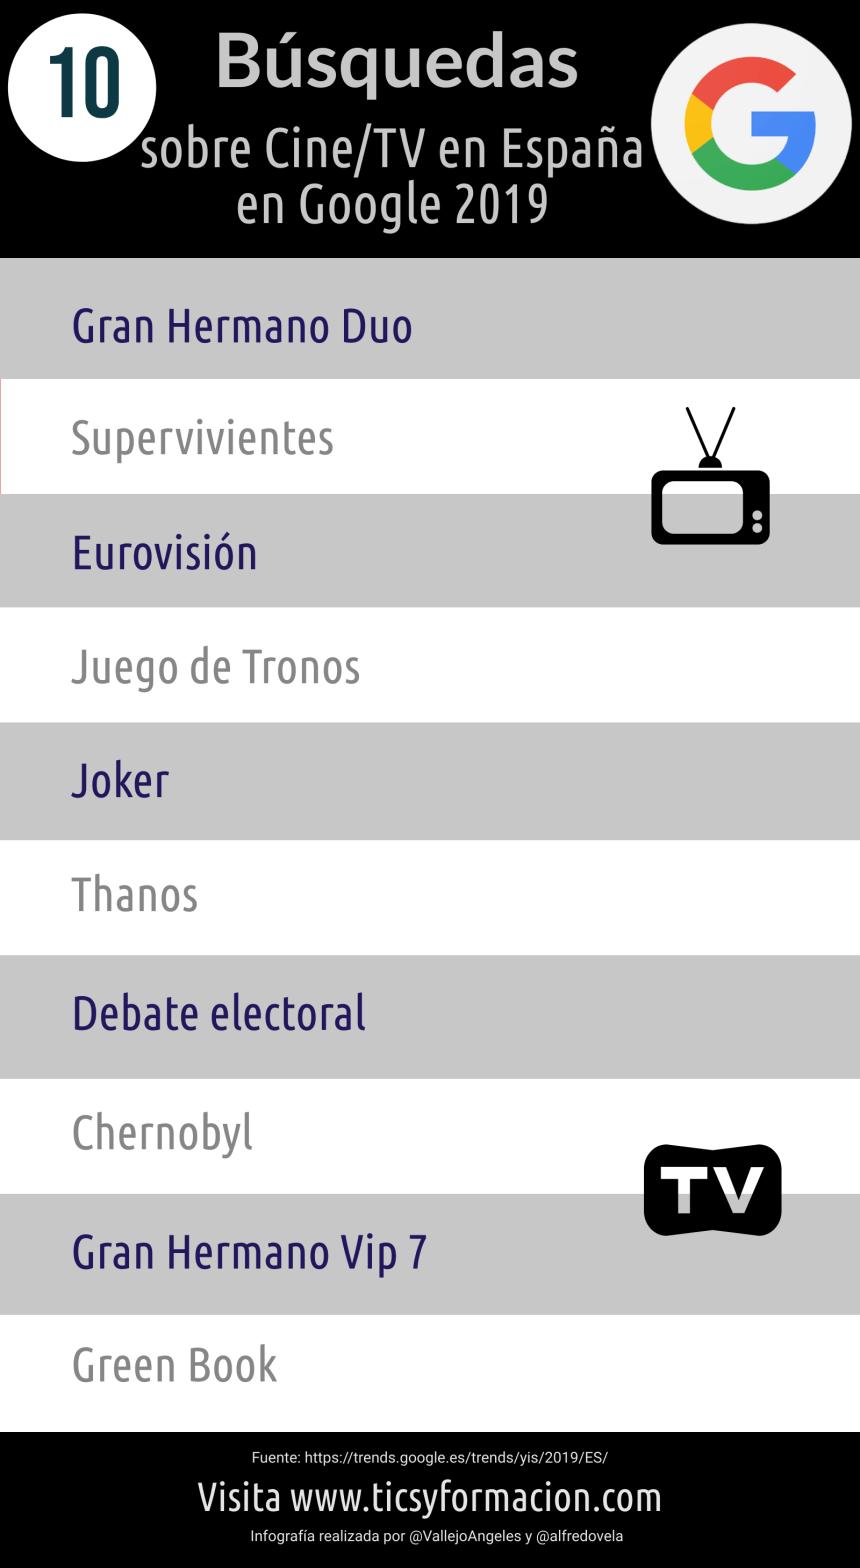 10 búsquedas sobre cine/TV más realizadas en Google en España 2019